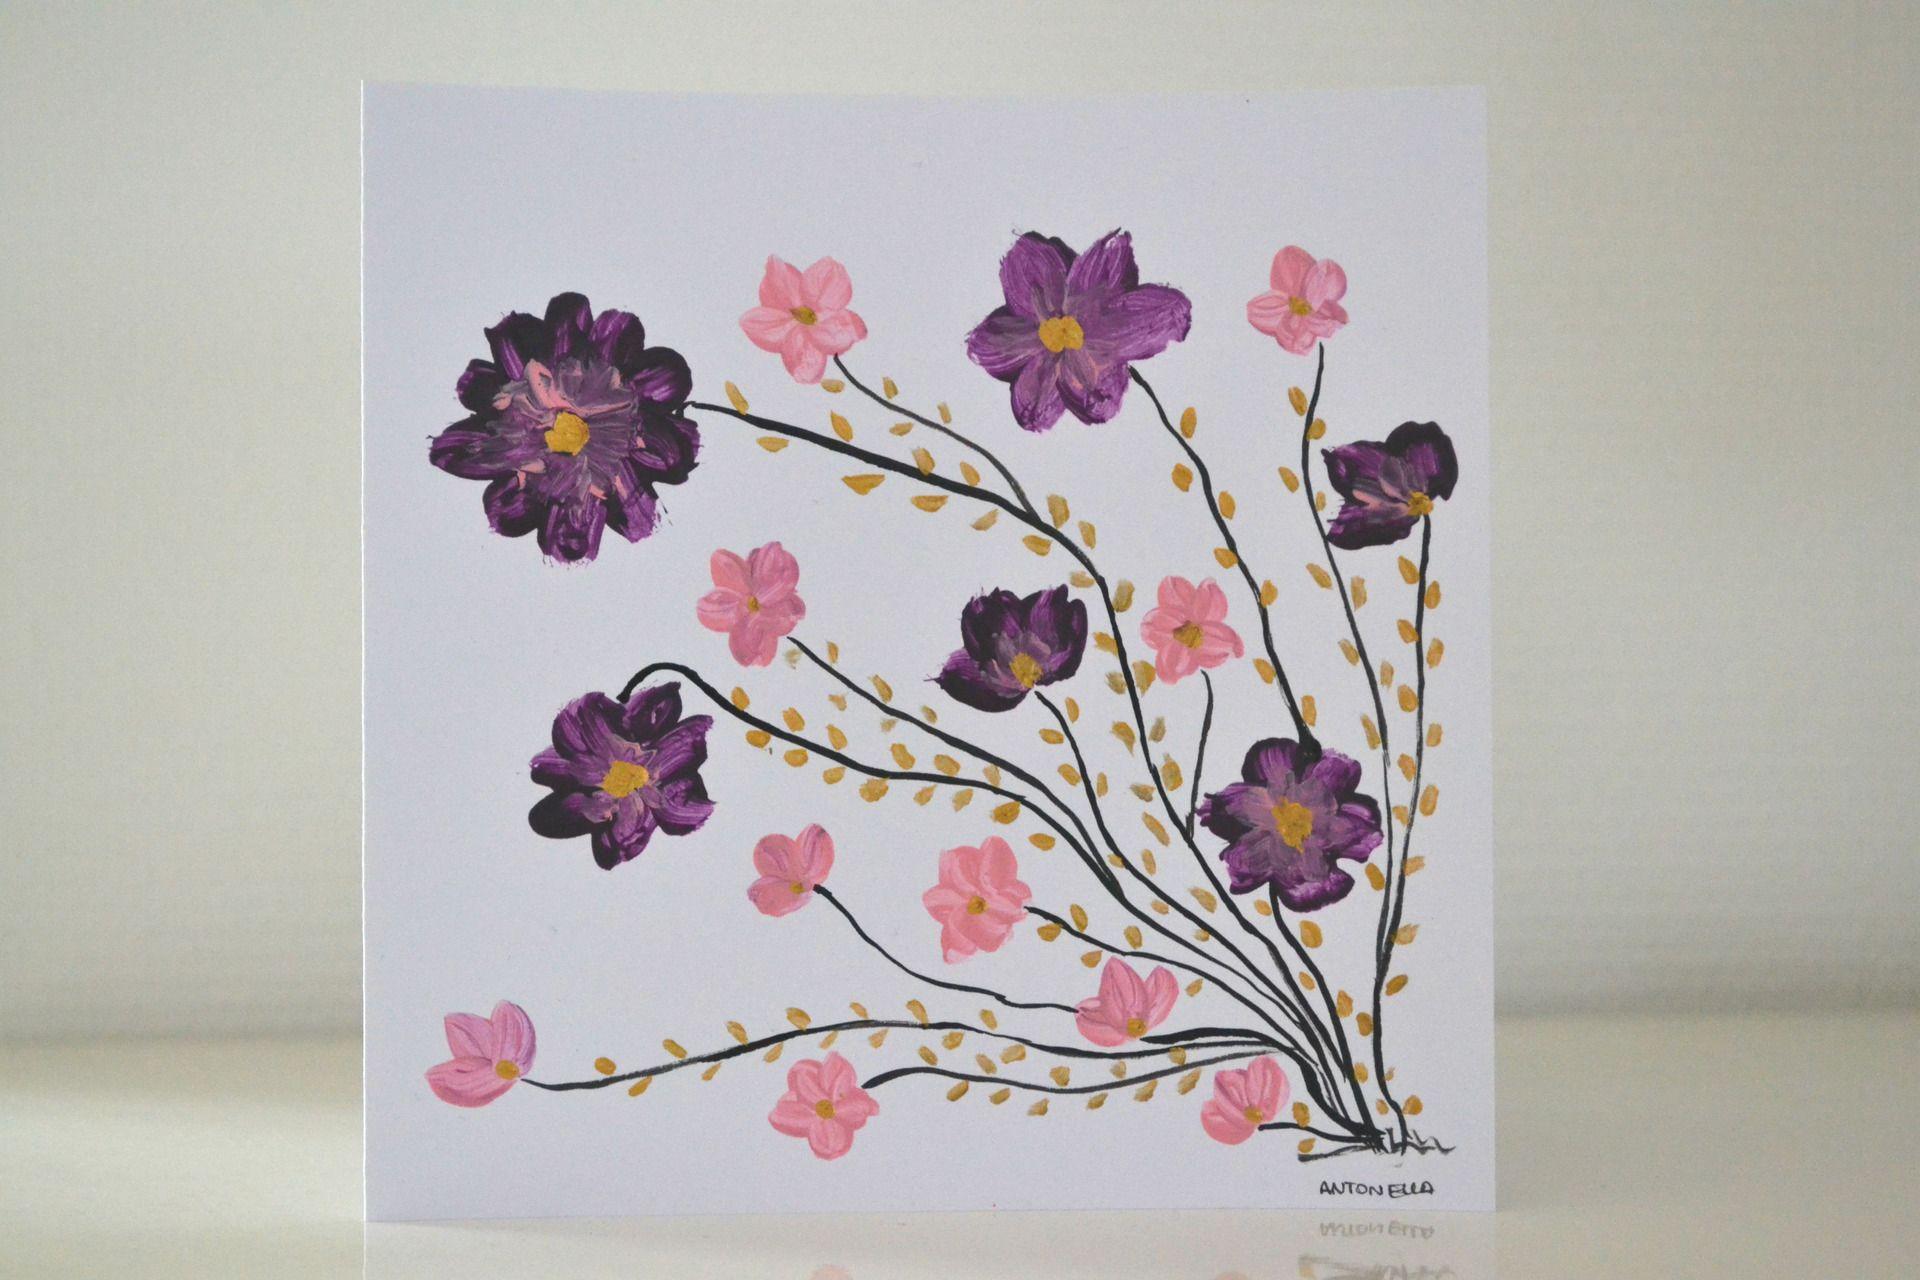 carte romantique fleurs peinte carte anniversaire femme style boh me carte cartes de voeux. Black Bedroom Furniture Sets. Home Design Ideas